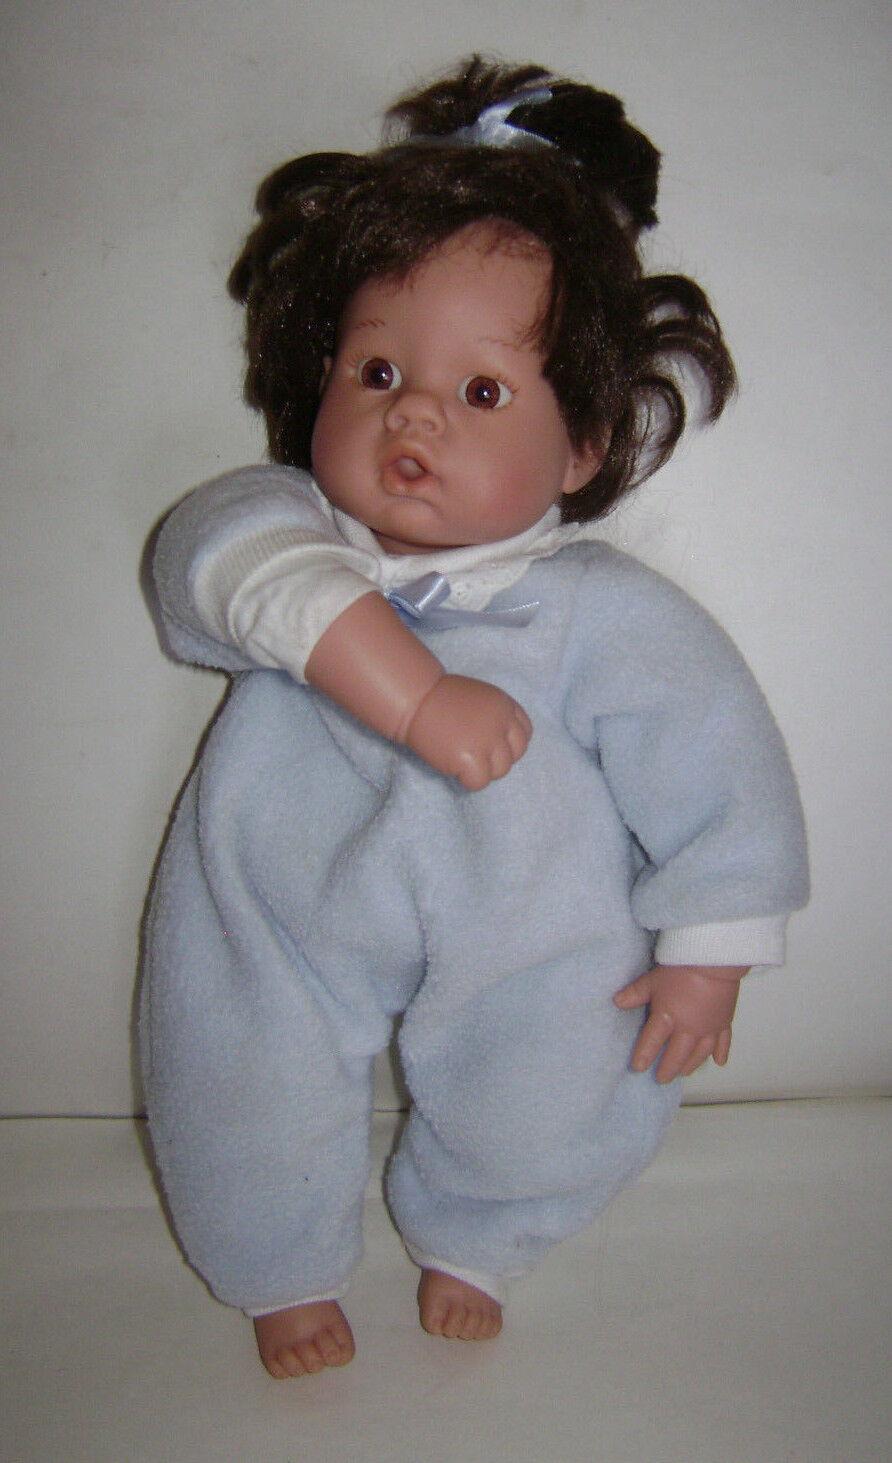 2000 Lee Middelton Reva paño de cuerpo articulado de Peluche Muñeca Bebé lechón de pulgar 020400